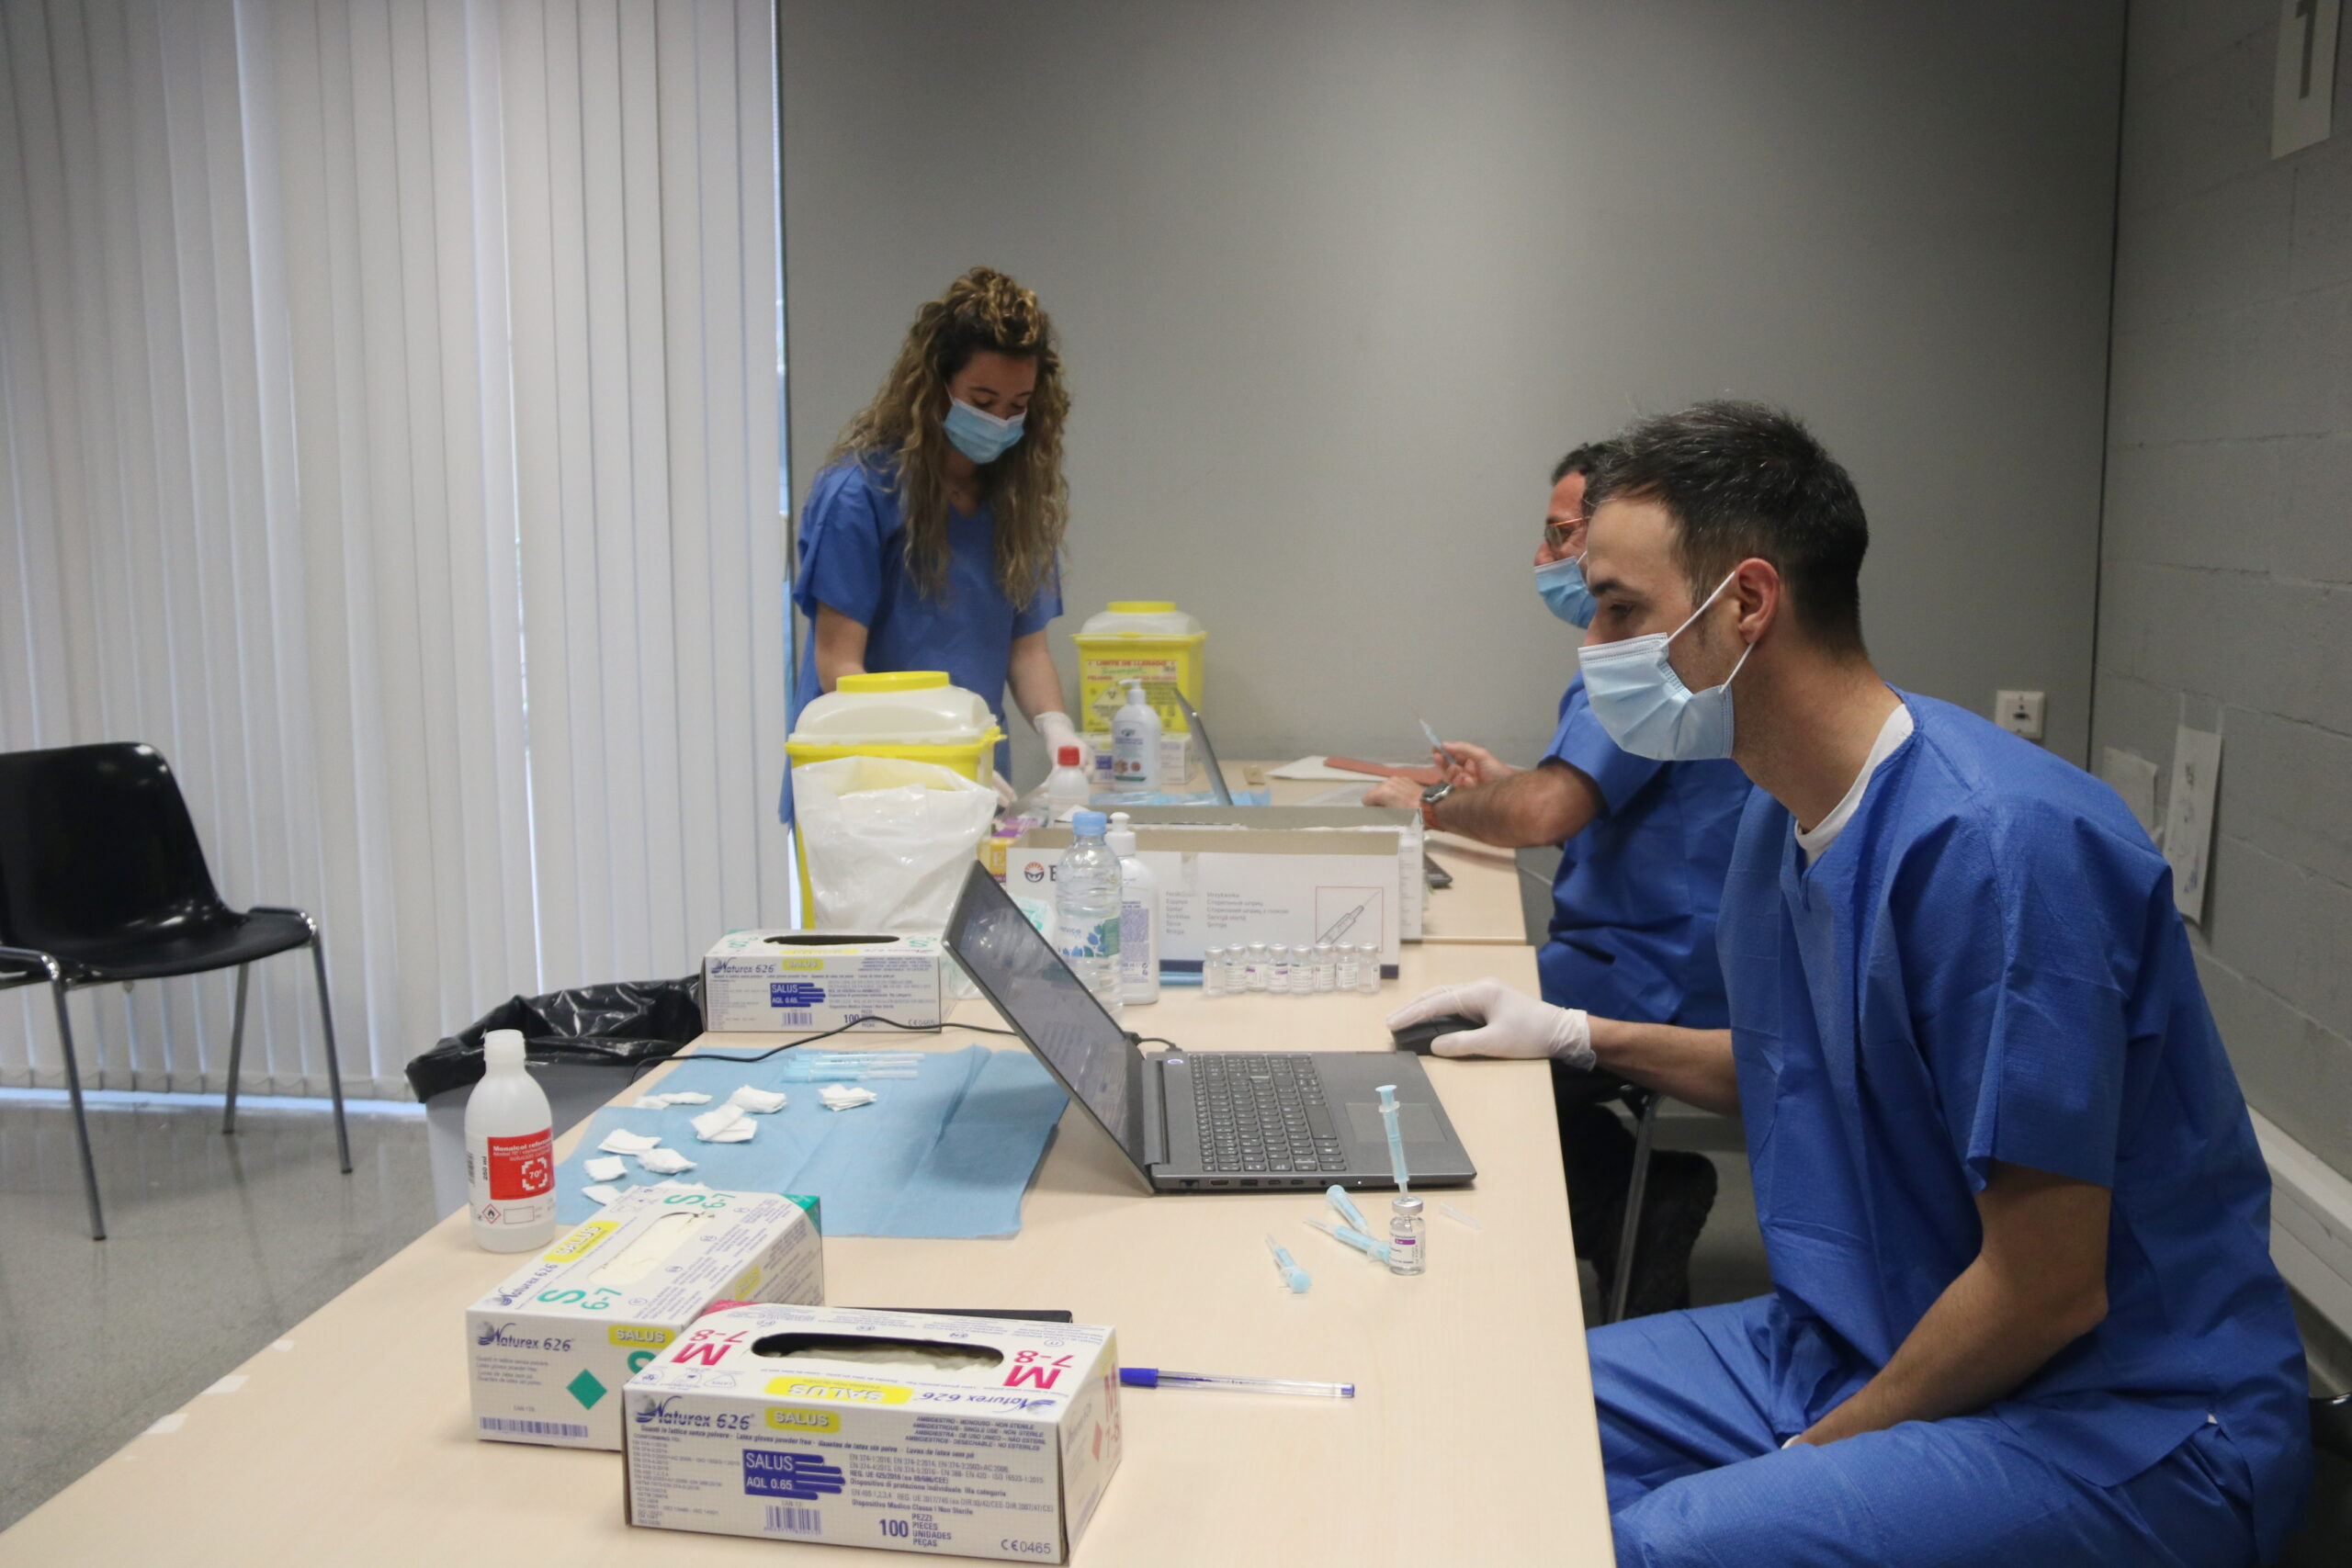 Diversos sanitaris en un dels punts de vacunació habilitats a la Facultat de Geografia i Història de la Universitat de Barcelona. Imatge del 4 d'abril de 2021 / ACN